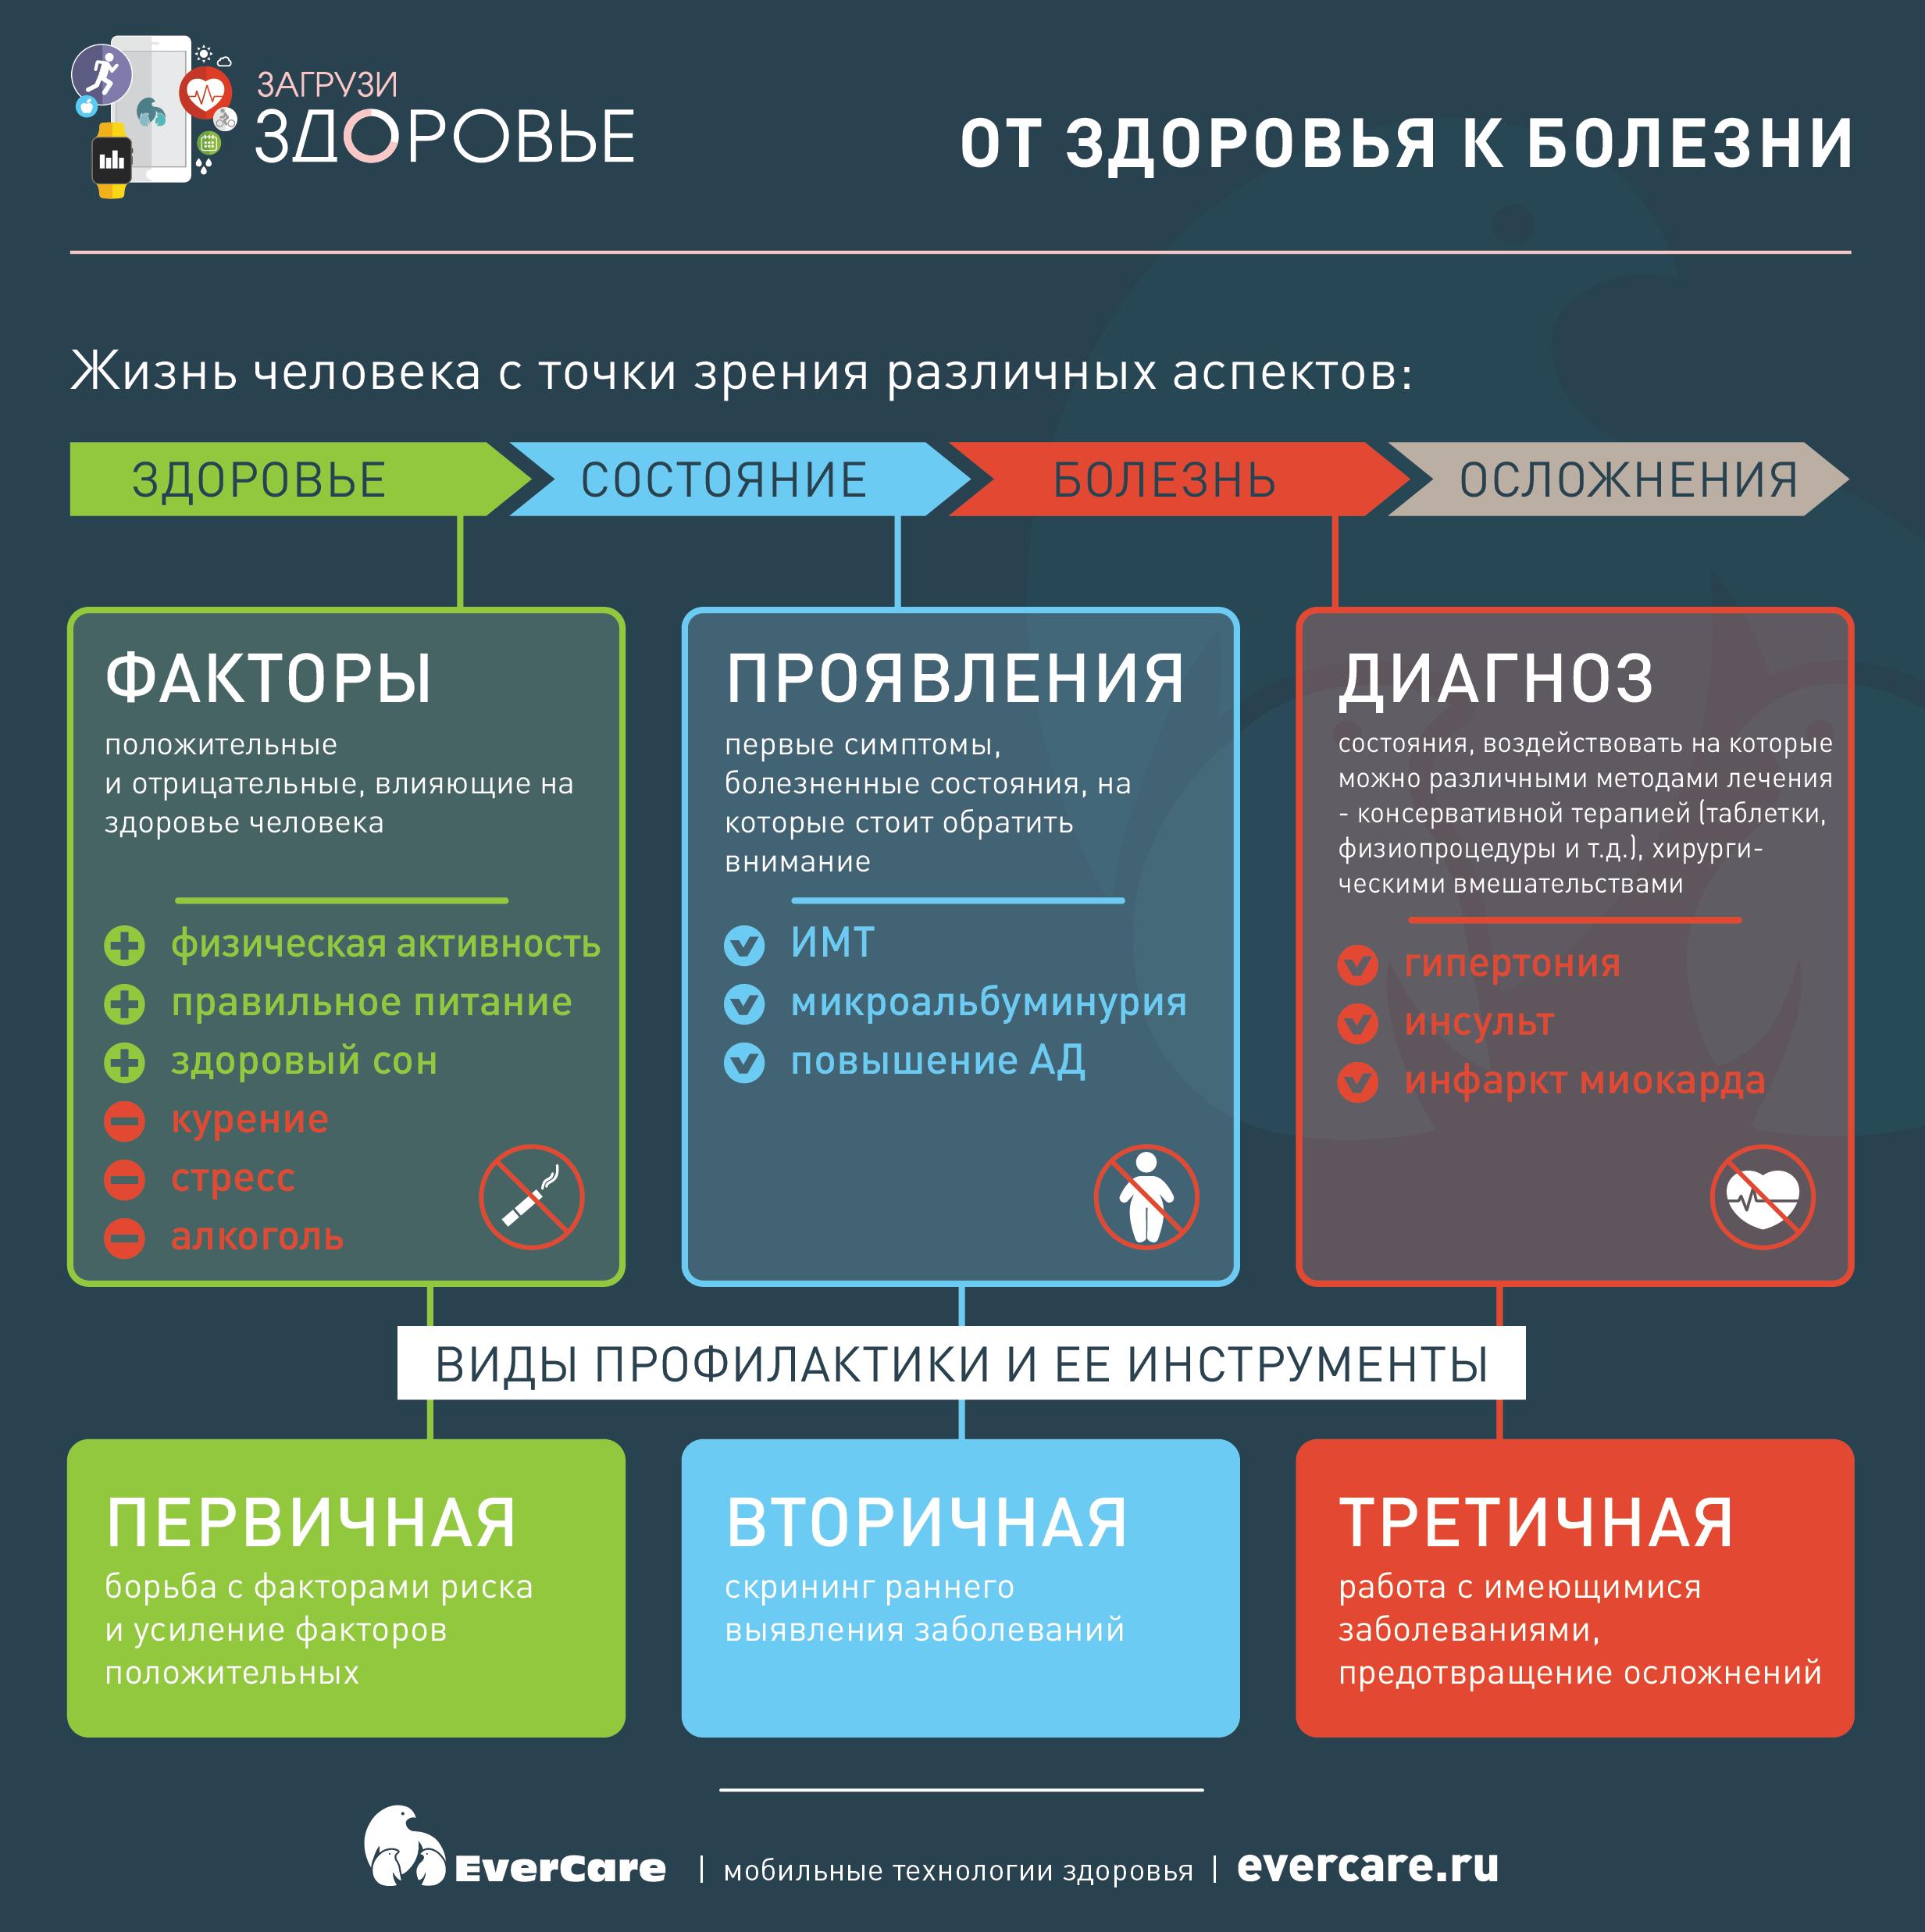 От здоровья к болезни Инфографика